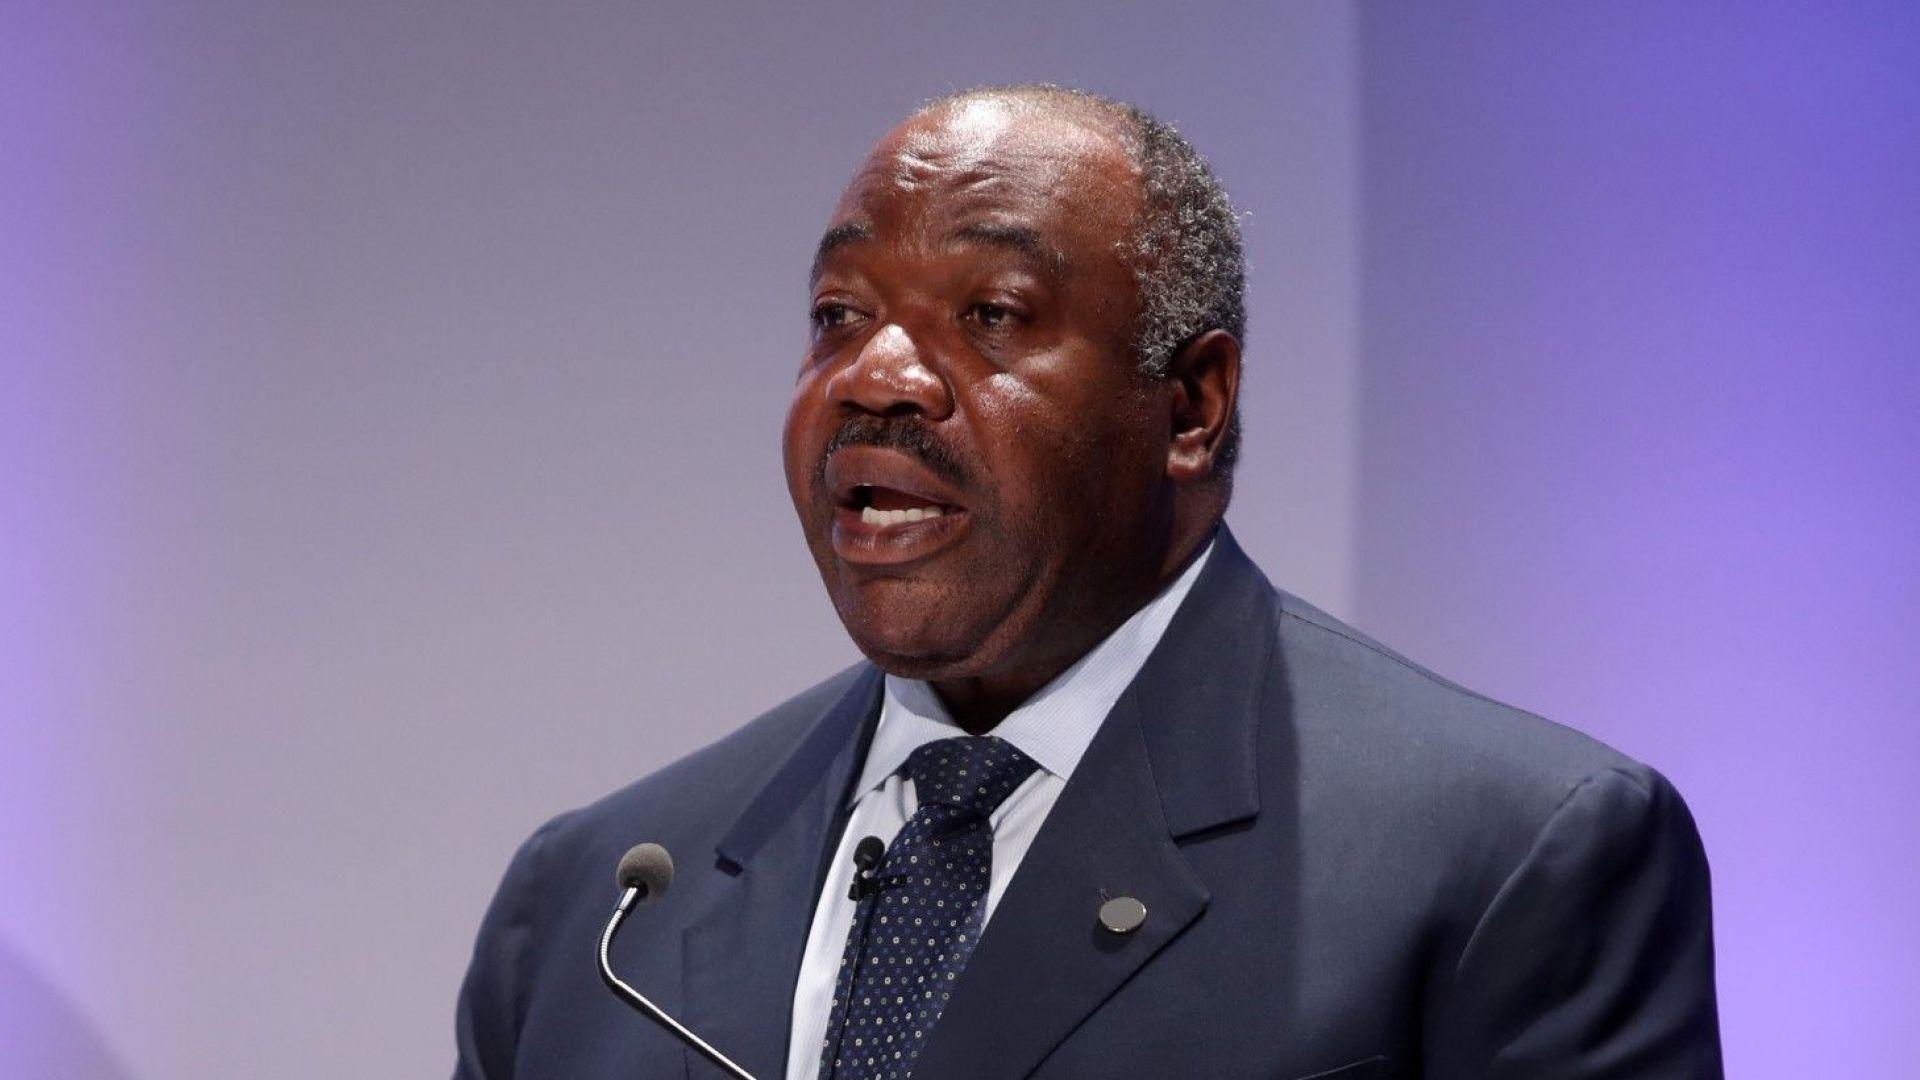 Военните опитаха да вземат властта в Габон от президента Али Бонго